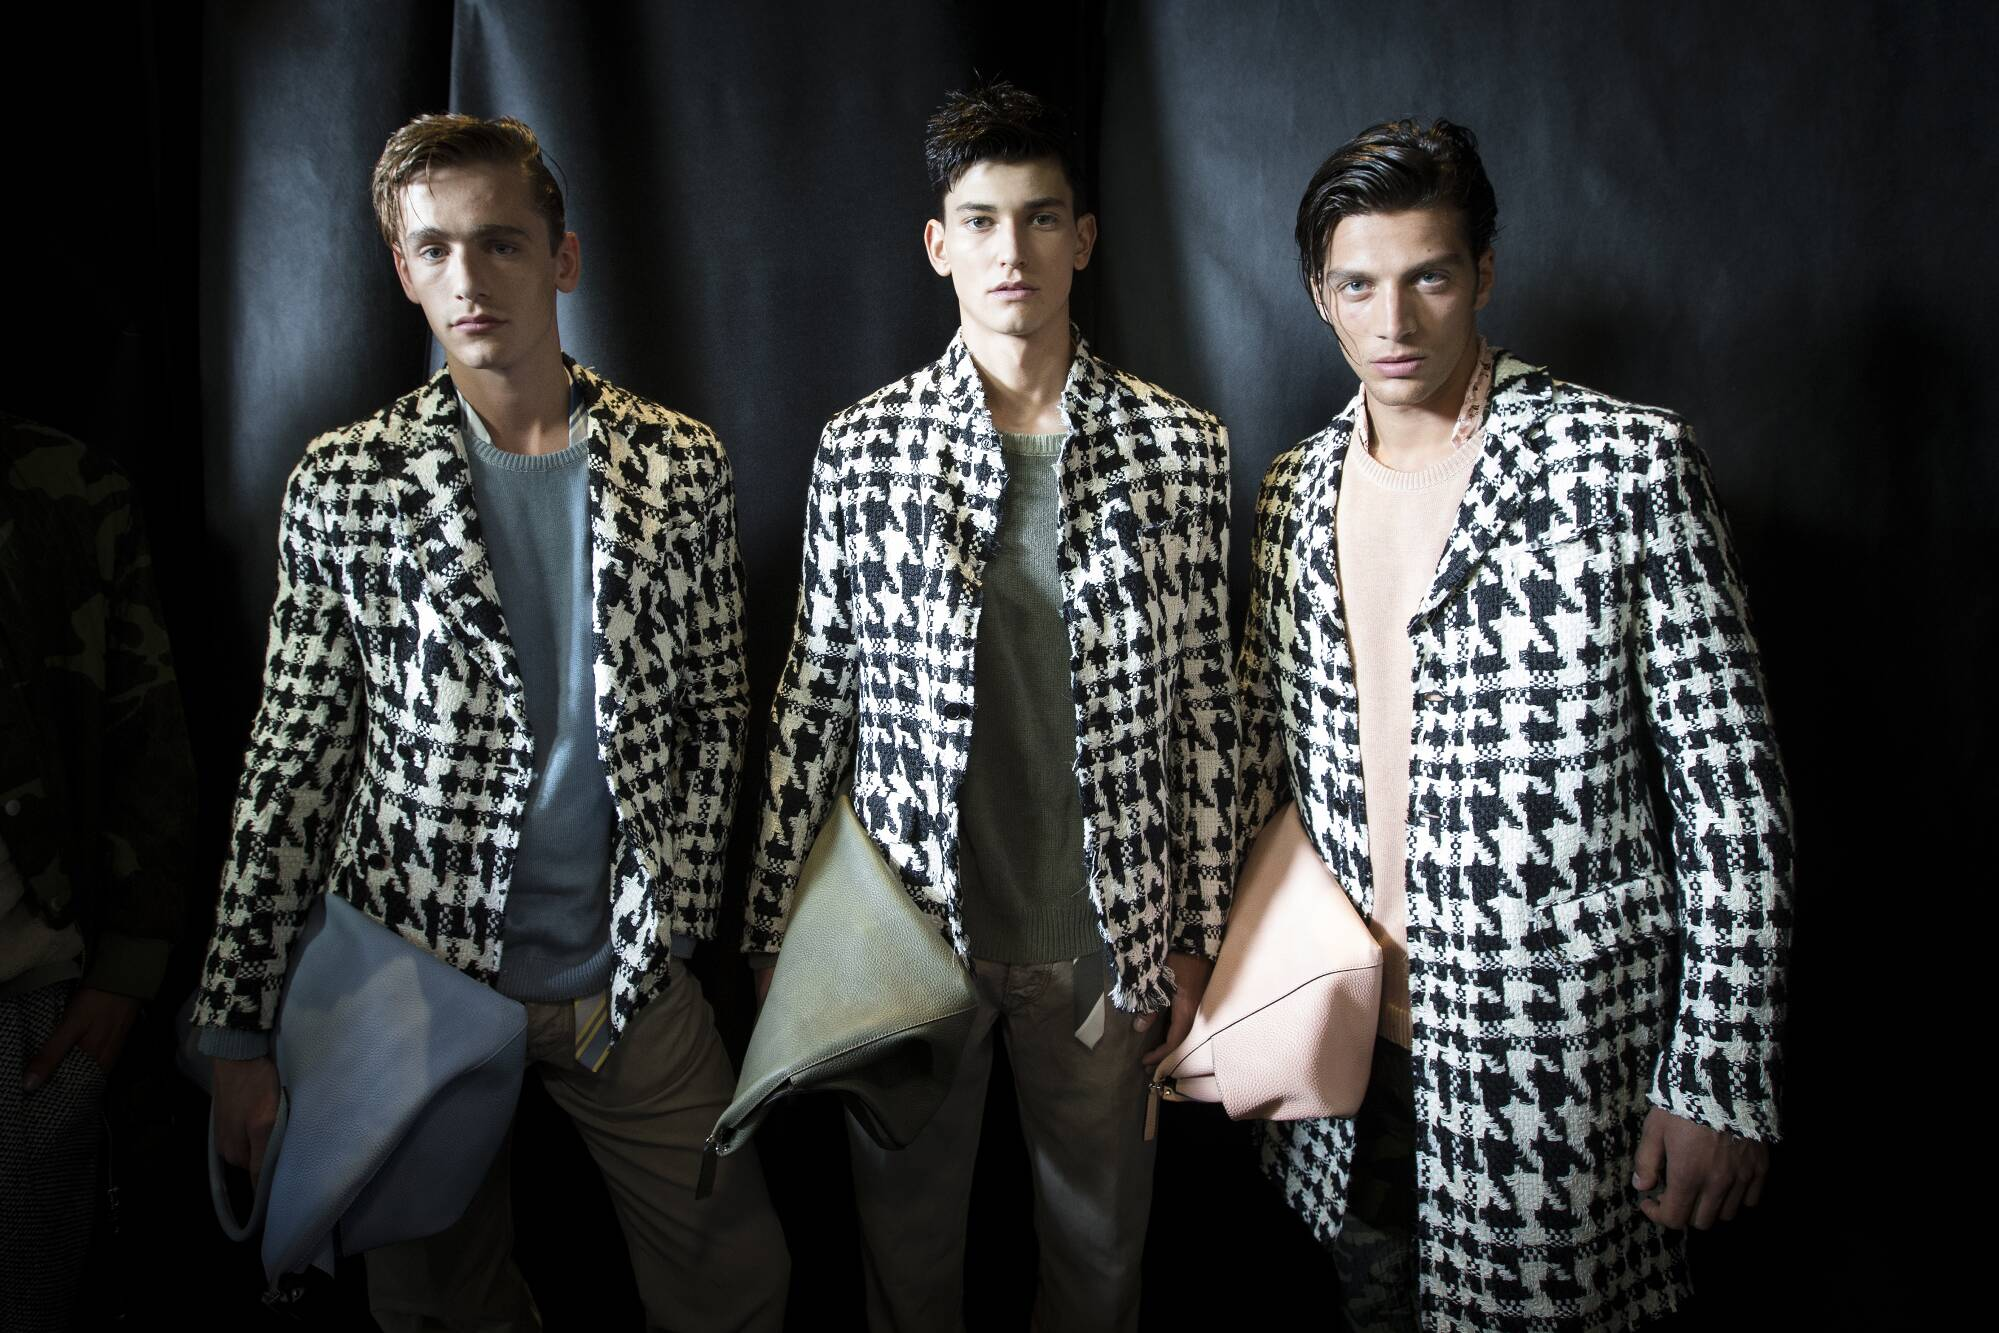 Backstage Ermanno Scervino Models SS 2016 Milan